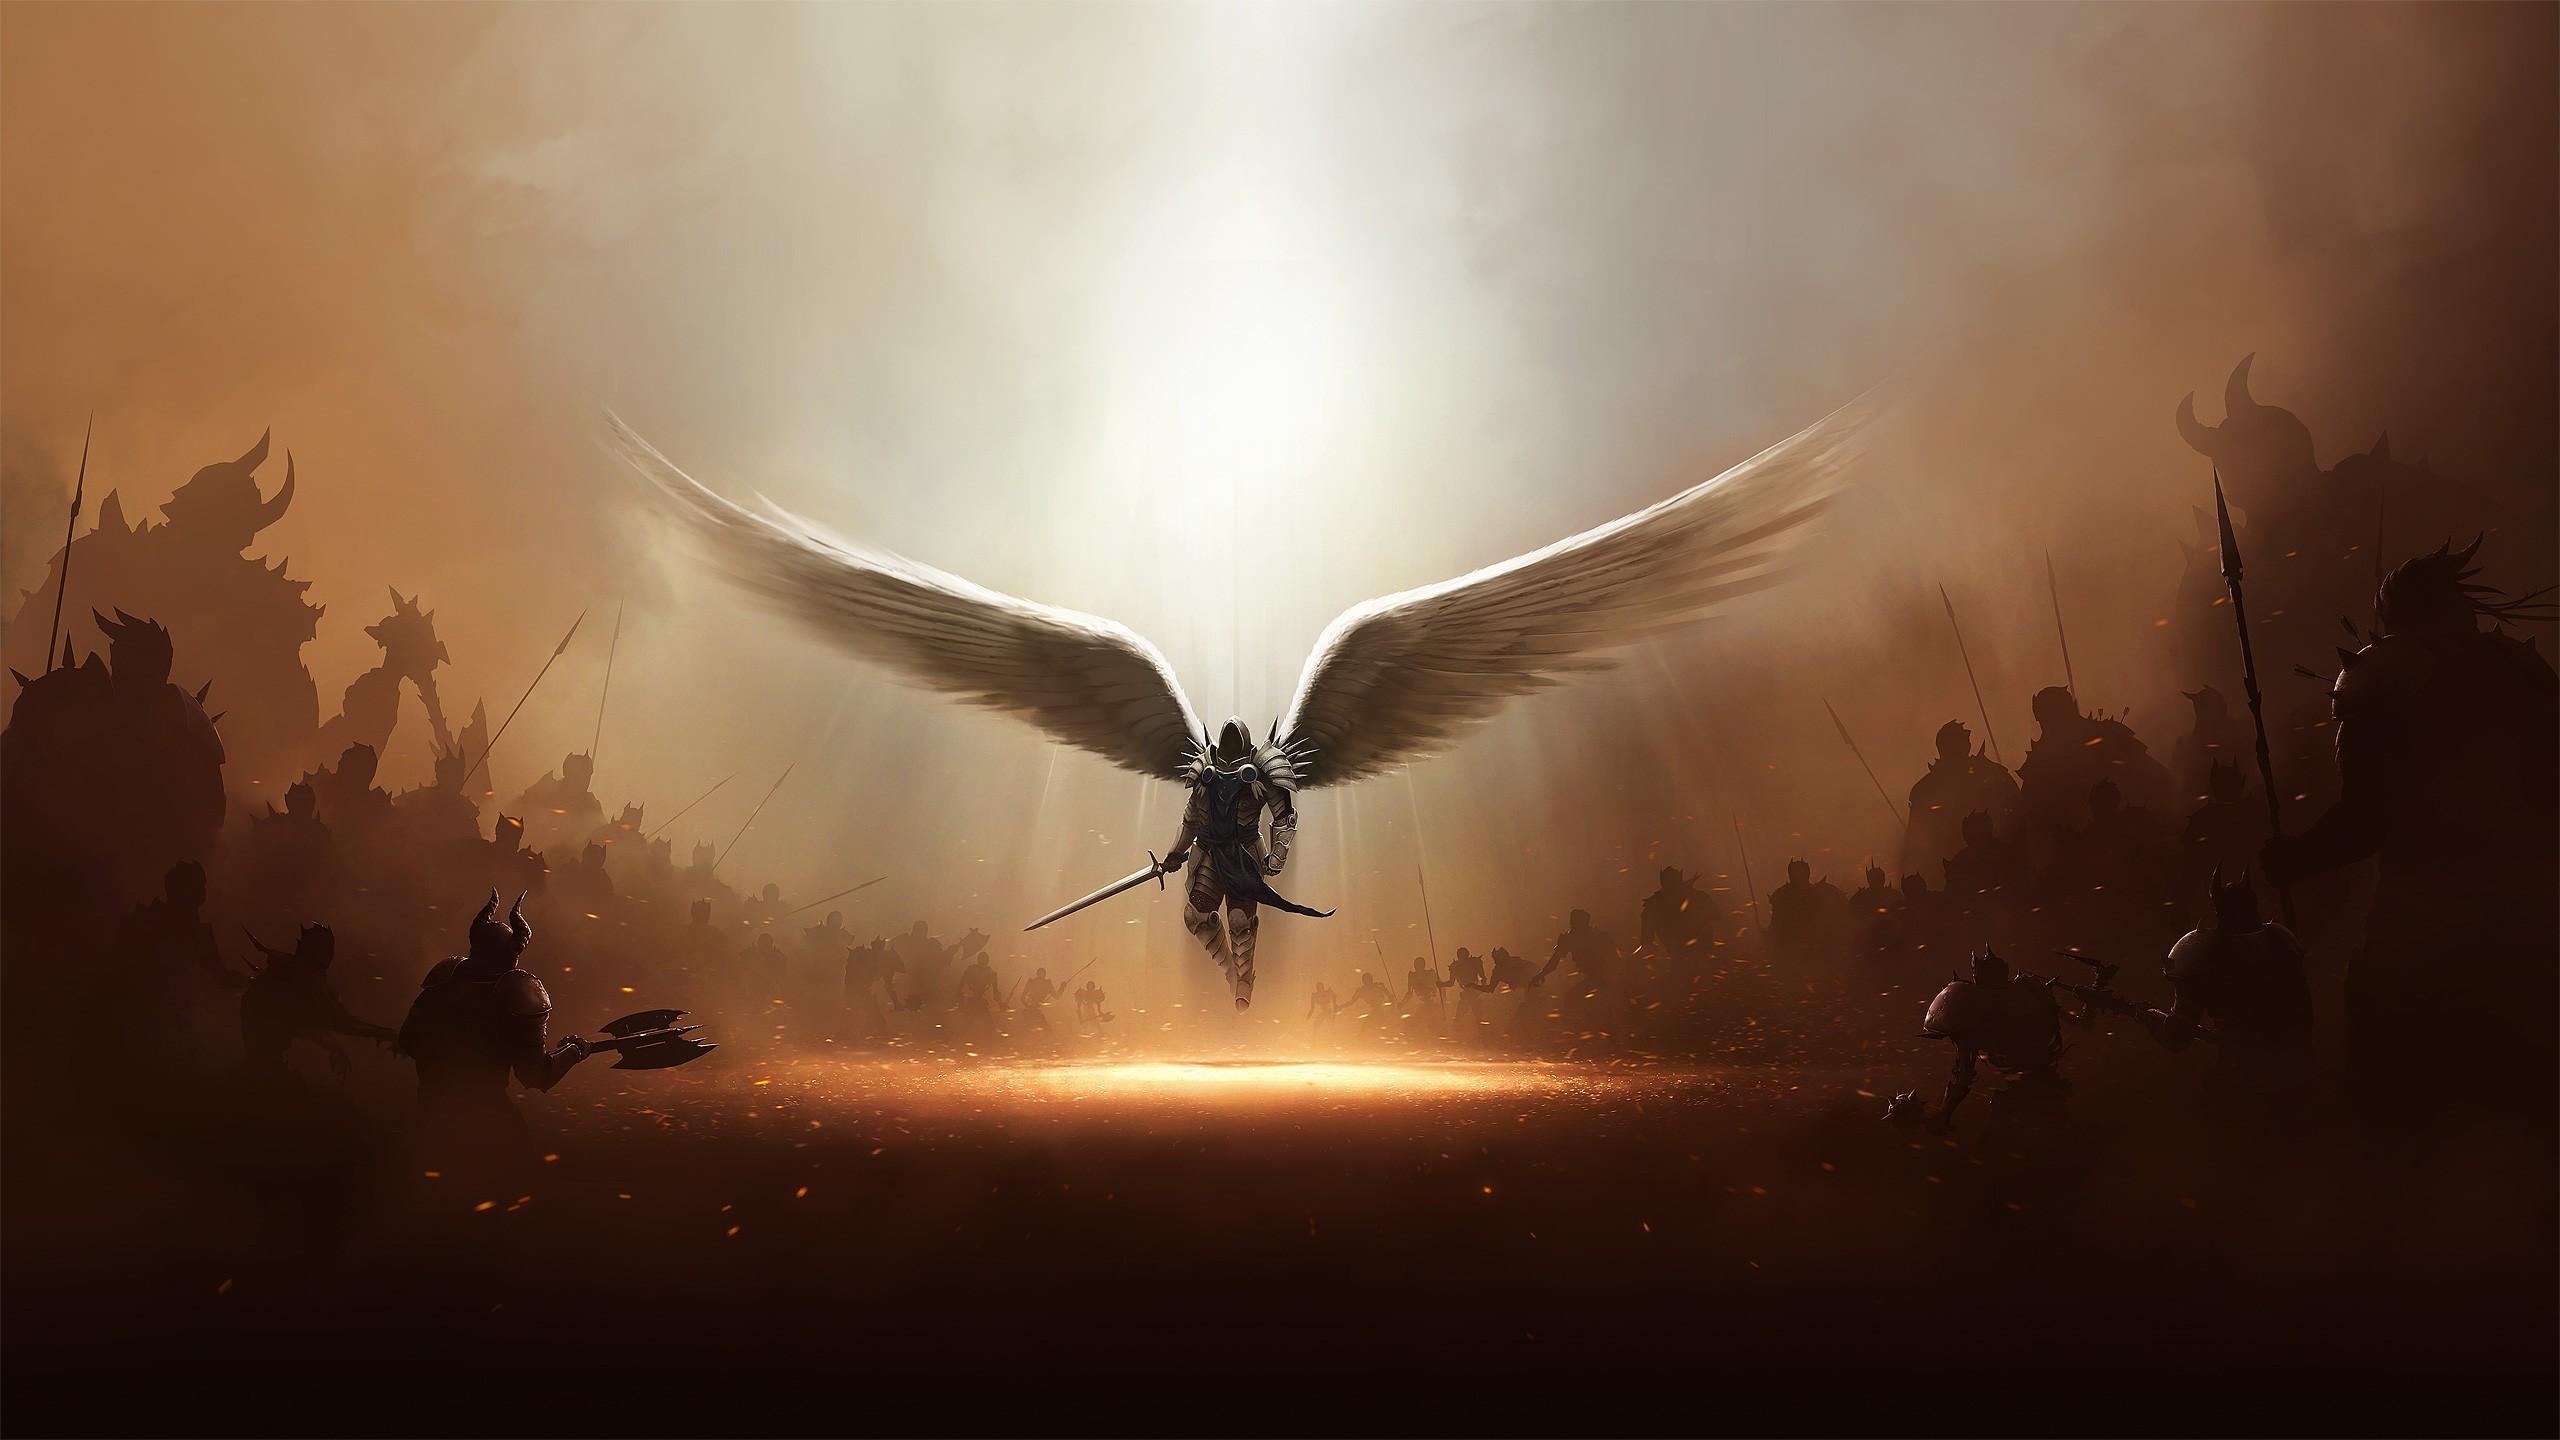 2560x1024 Diablo 3 Tyrael Archangel Of Justice 2560x1024